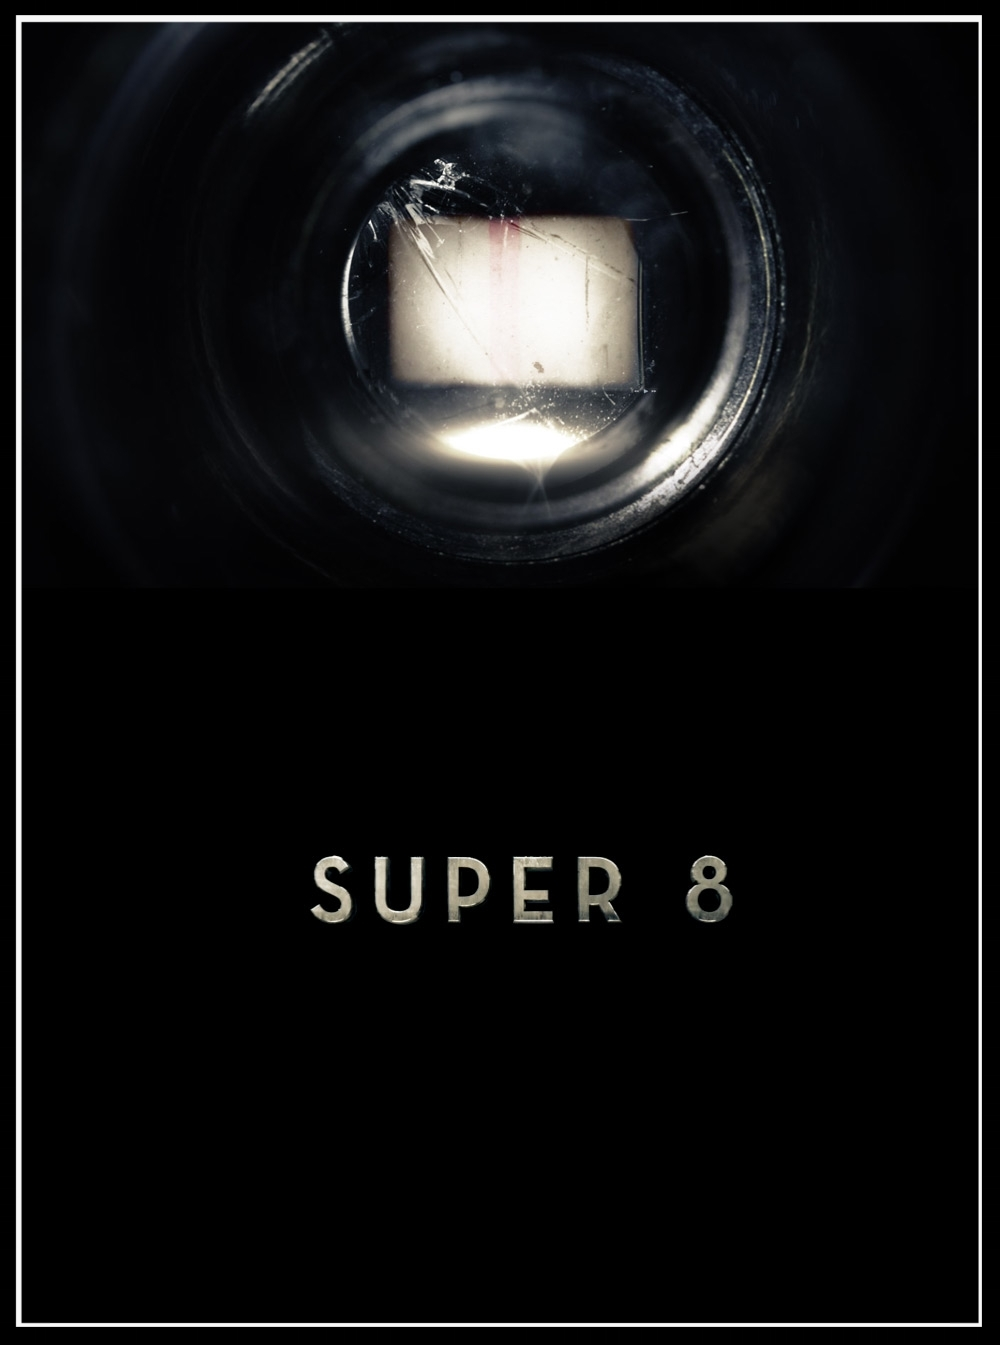 Super 8 - Teaser